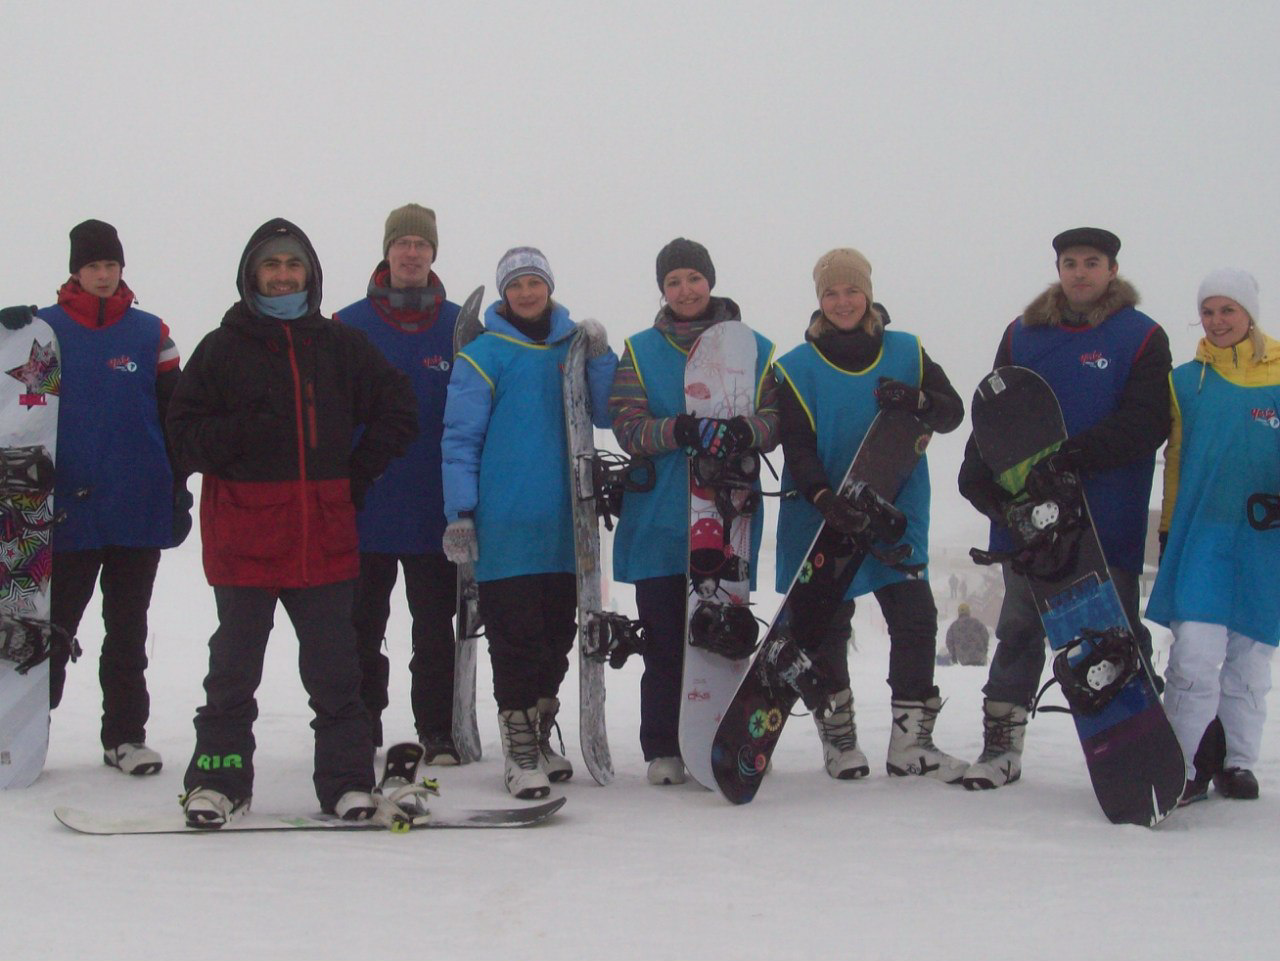 Обучение катанию на сноуборде со скидкой 50%